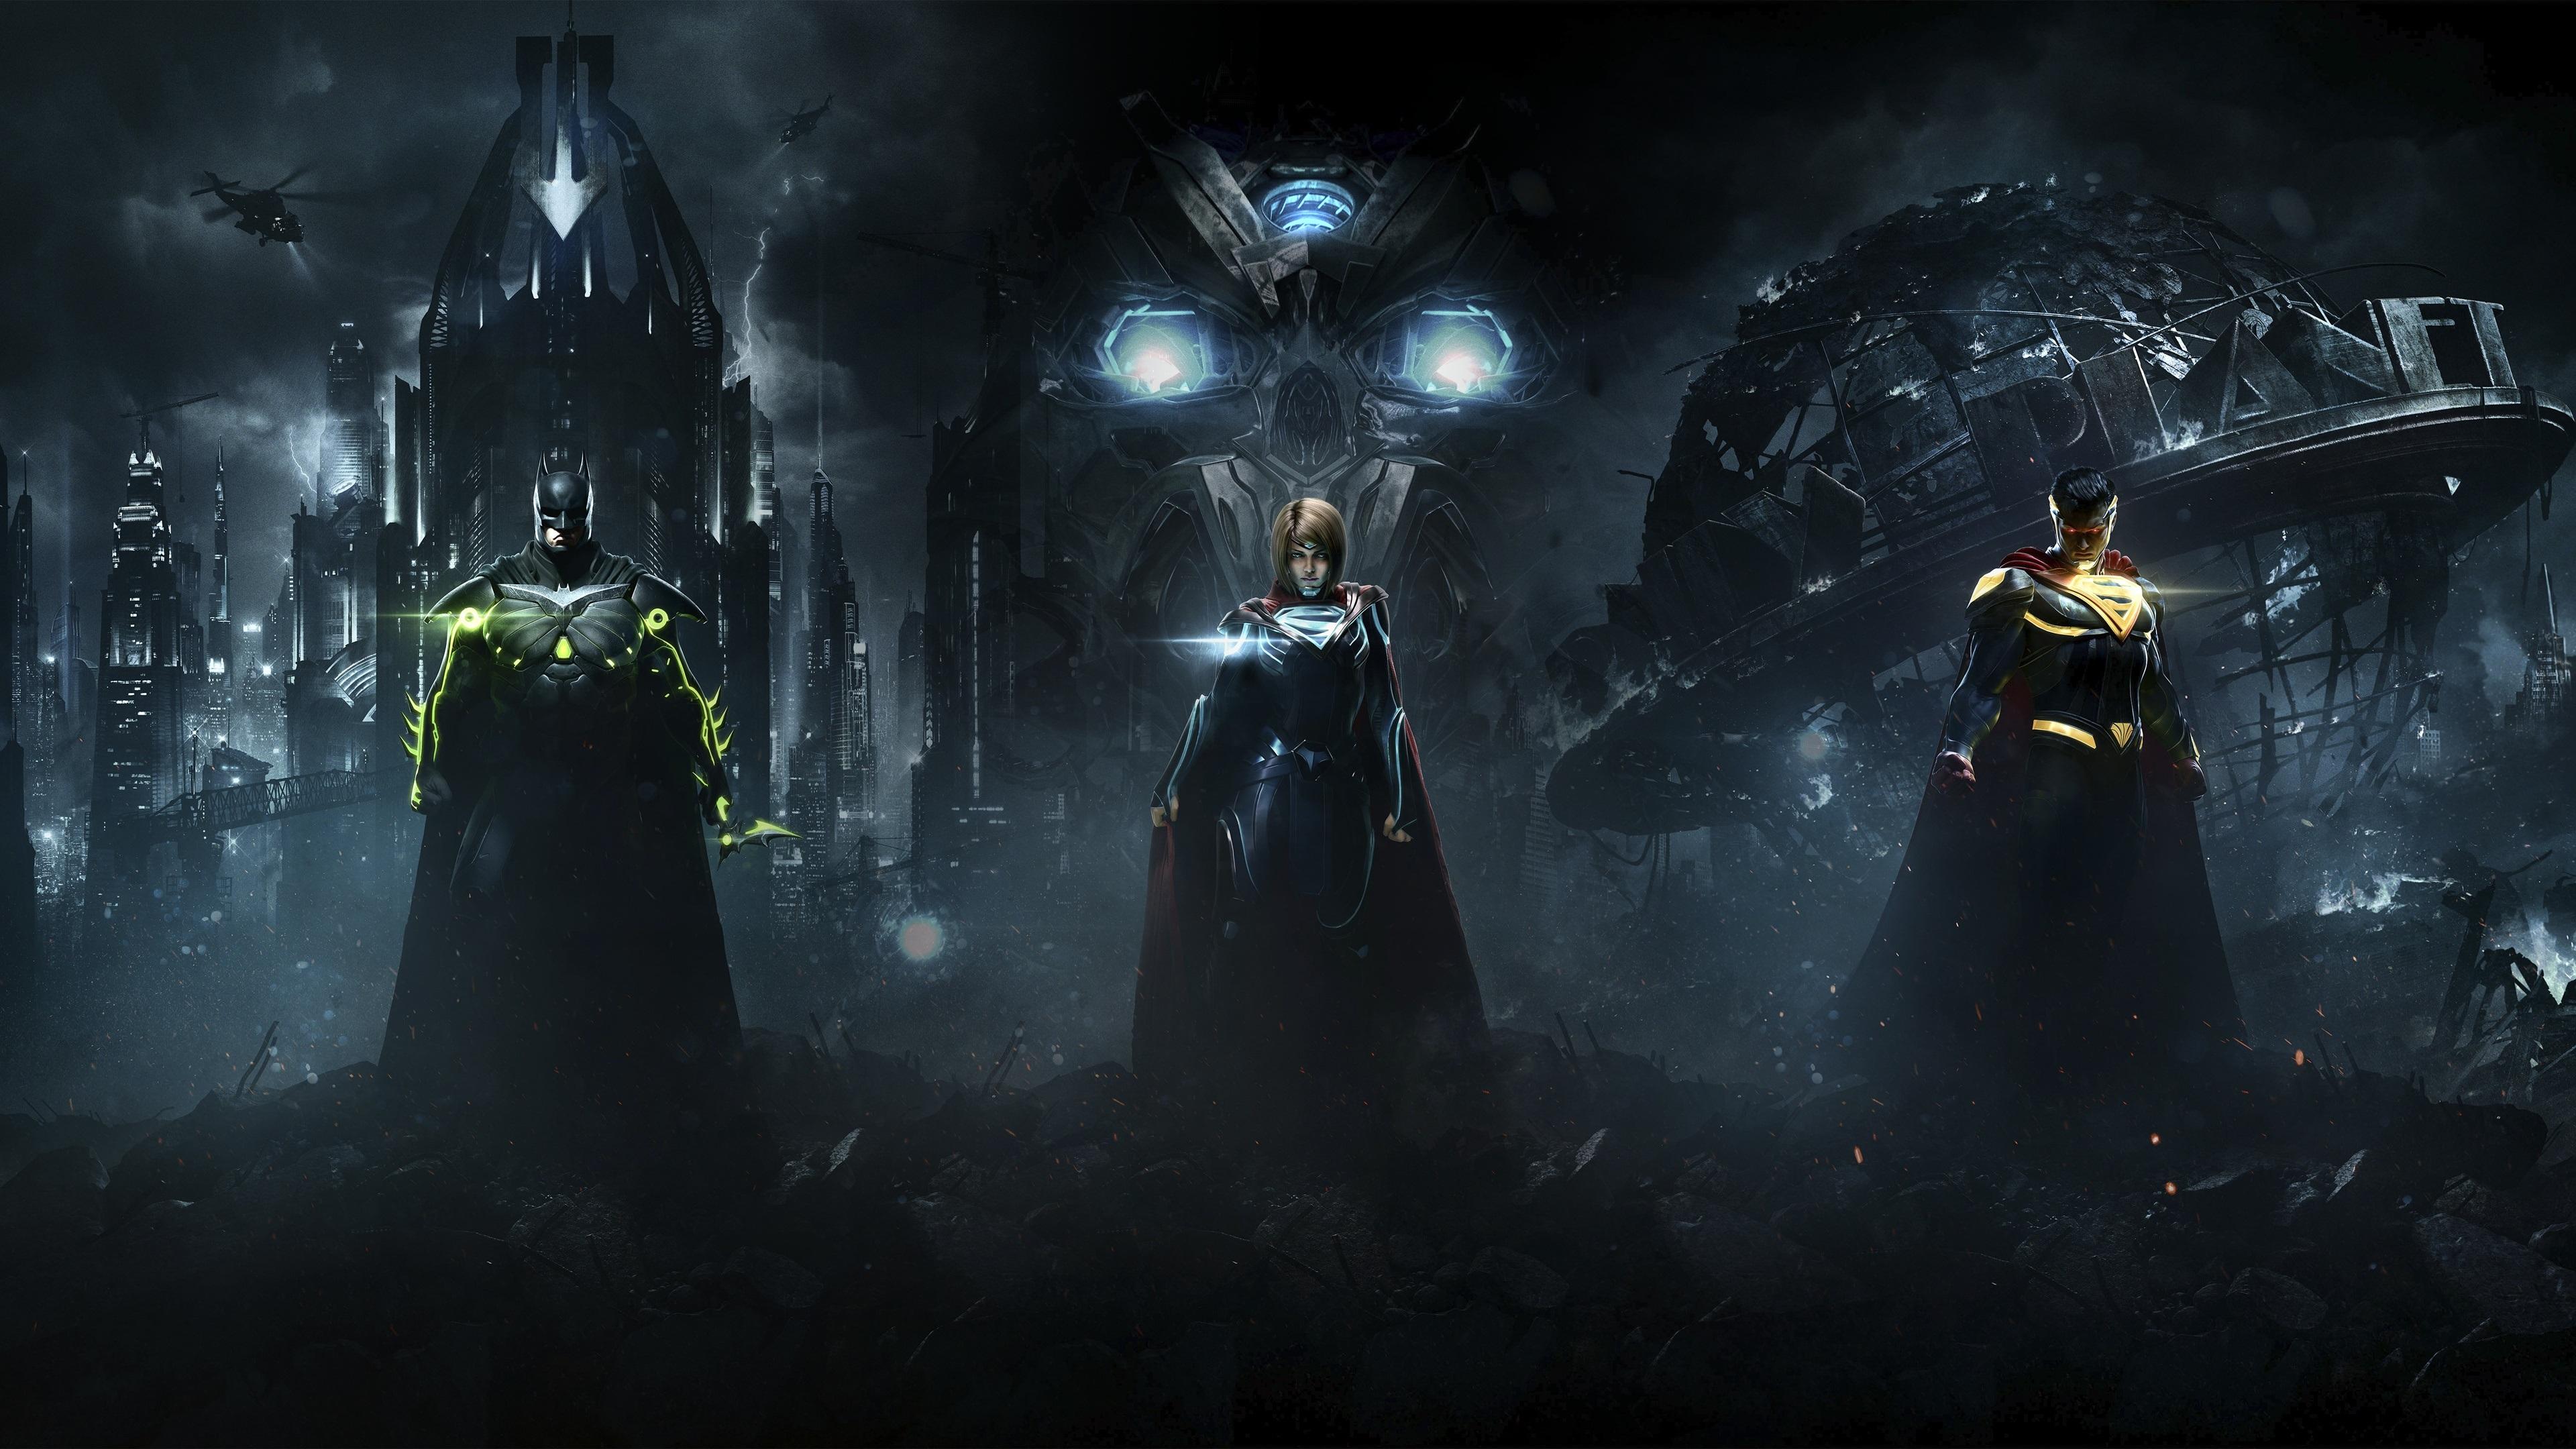 壁紙 インジャスティス 2 バットマン スーパーマン スーパーガール